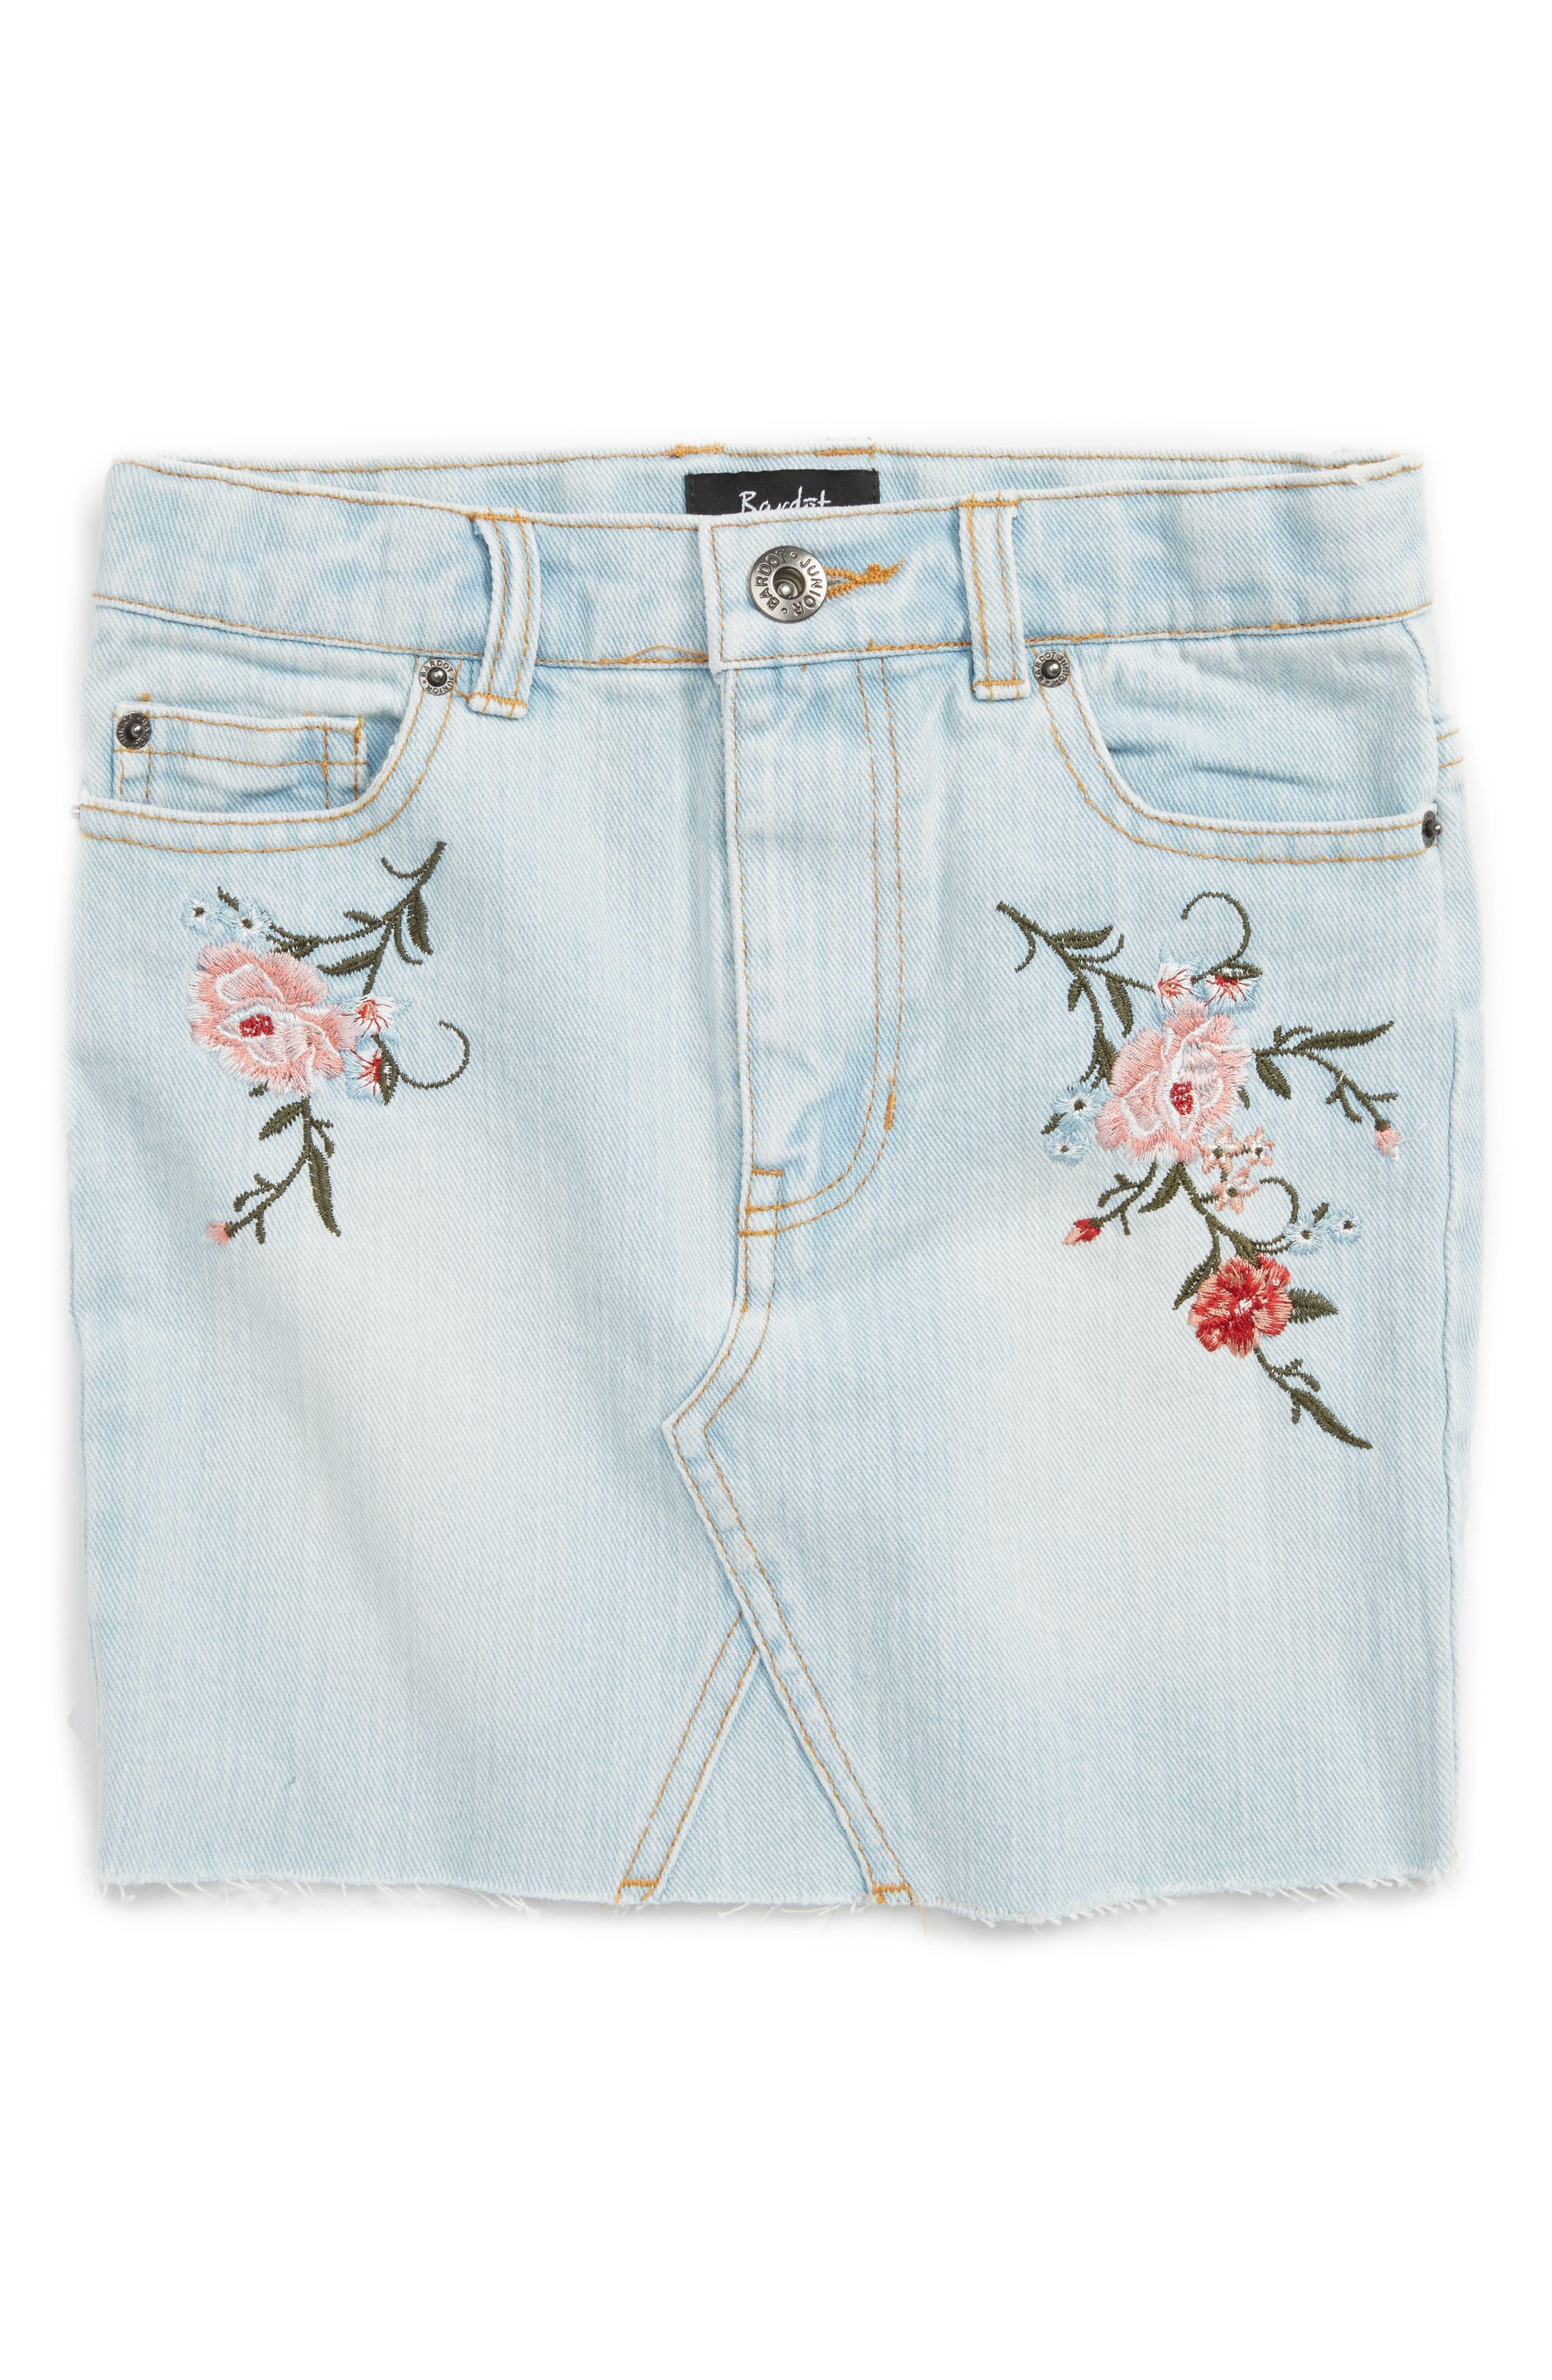 Main Image - Bardot Junior Embroidered Denim Skirt (Little Girls)